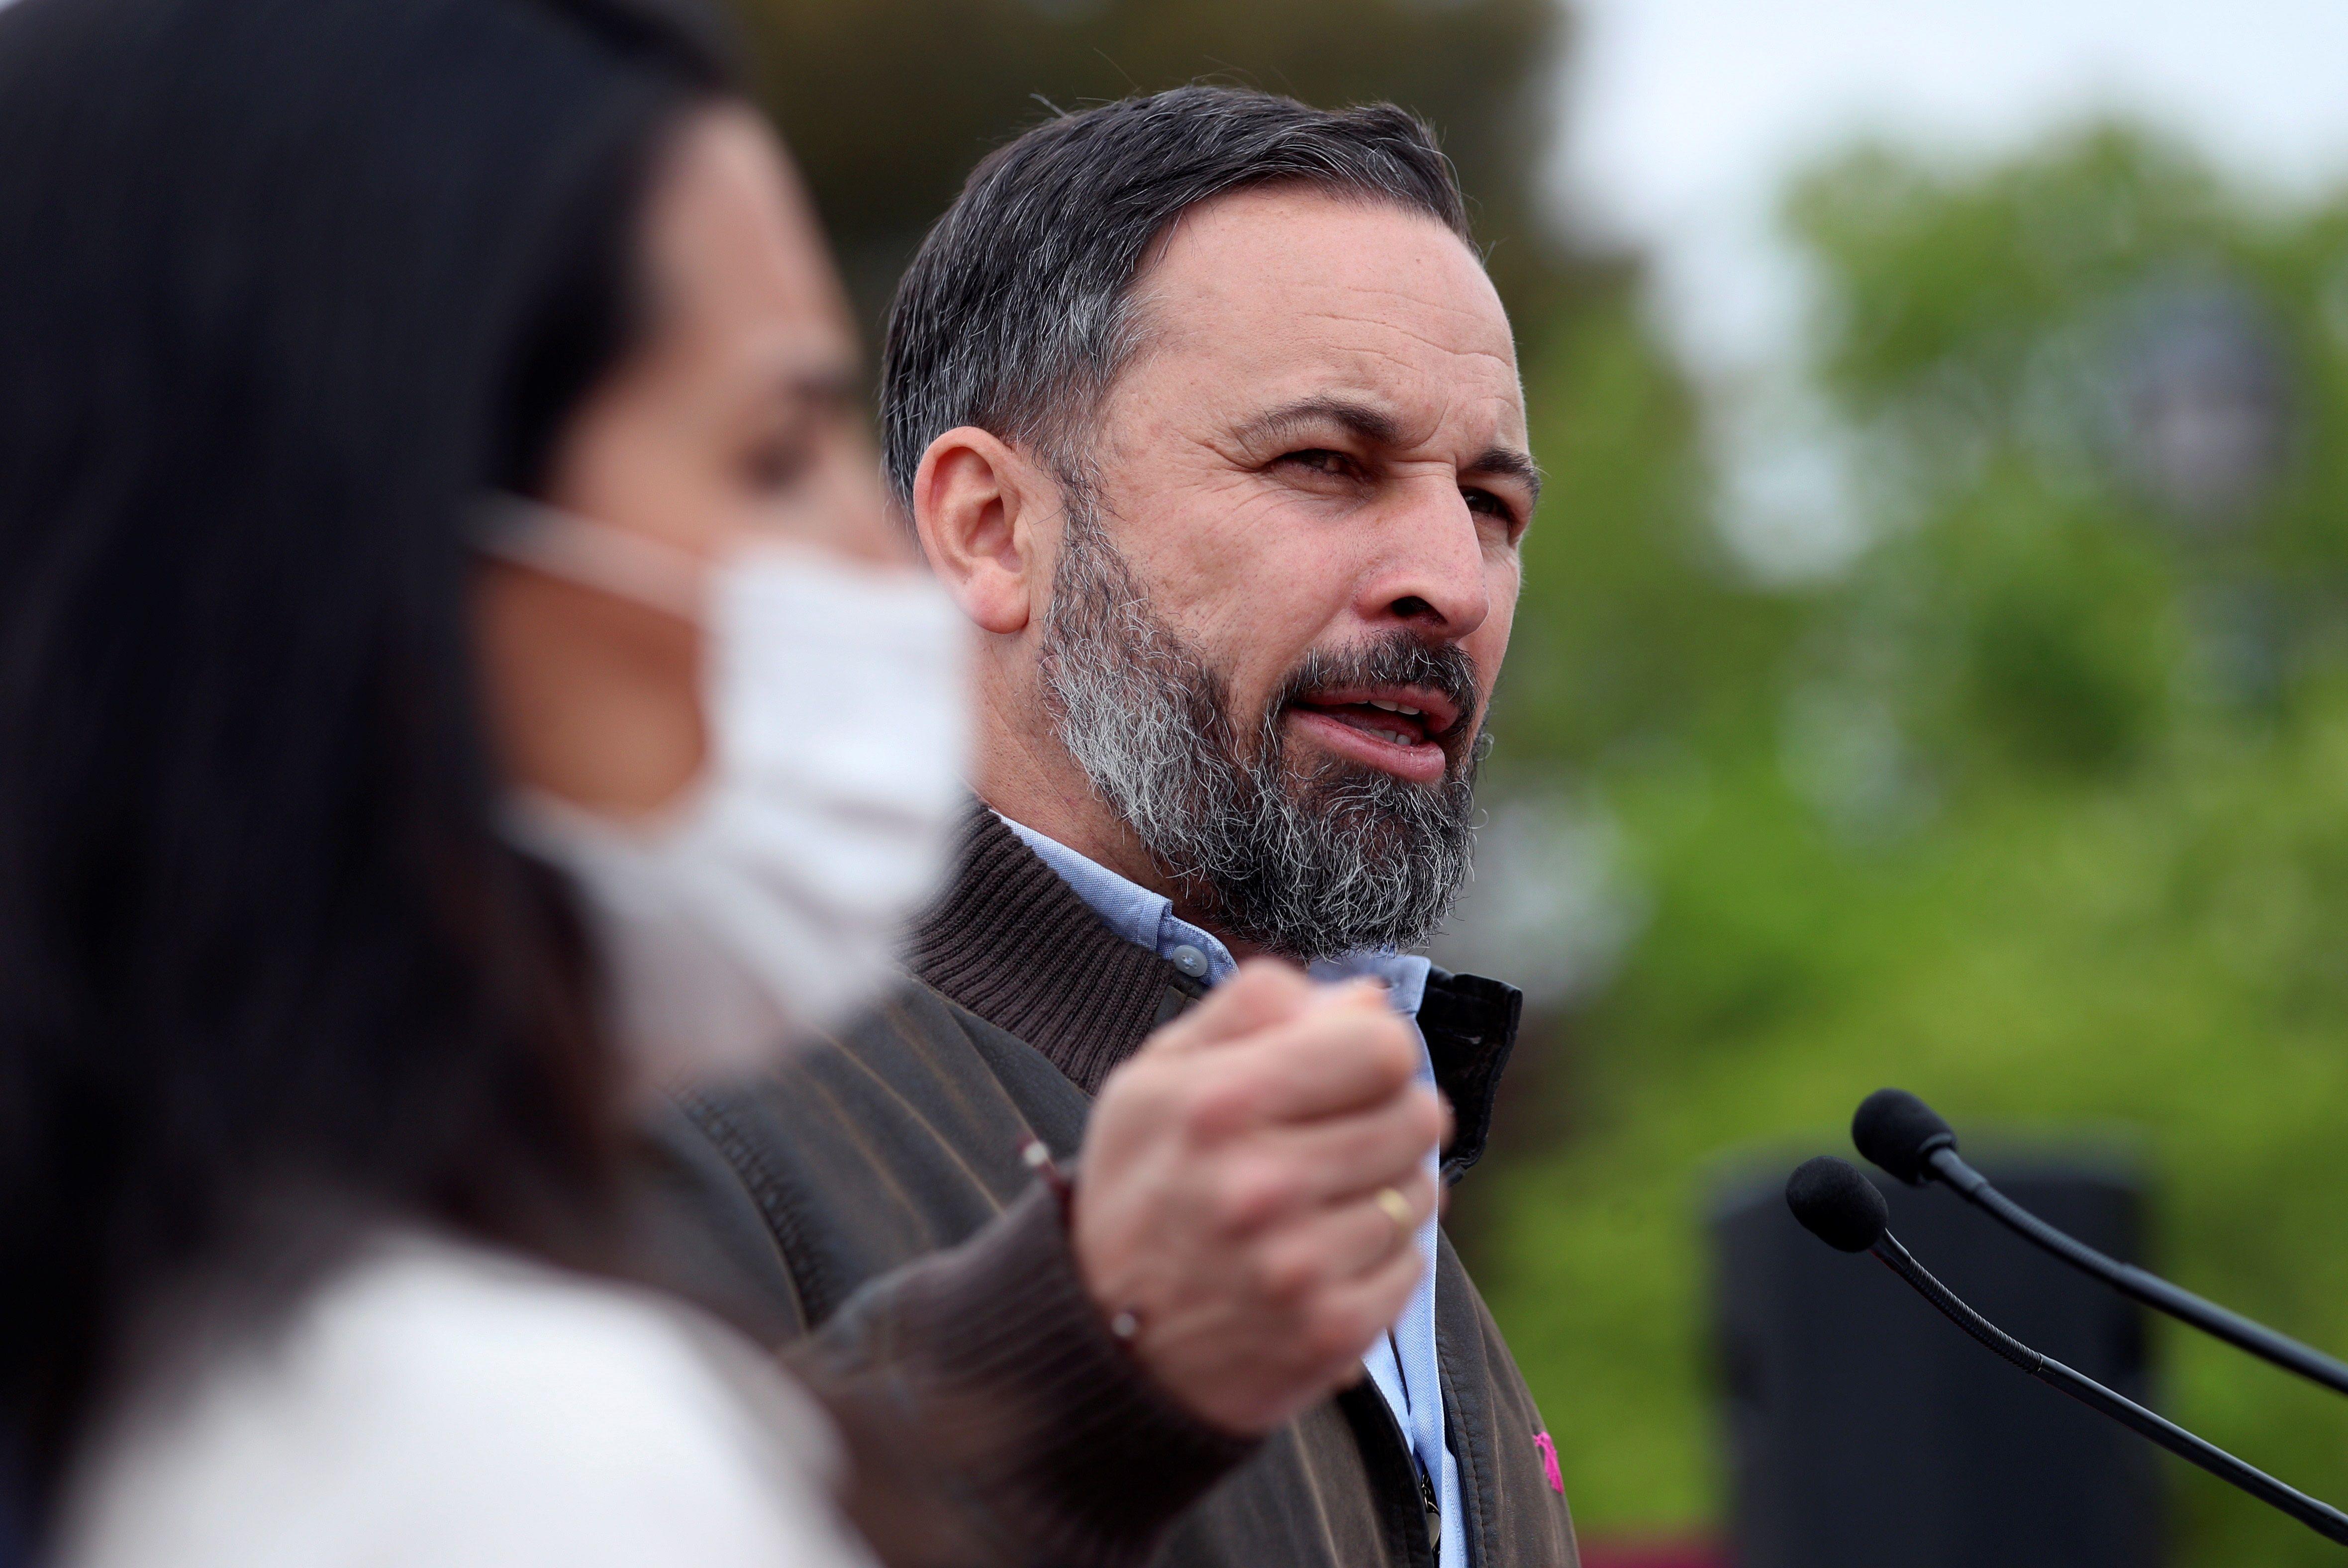 El presidente de Vox, Santiago  Abascal, y la candidata a la Comunidad de Madrid, Rocío Monasterio, asisten a un acto de precampaña en Vicálvaro.